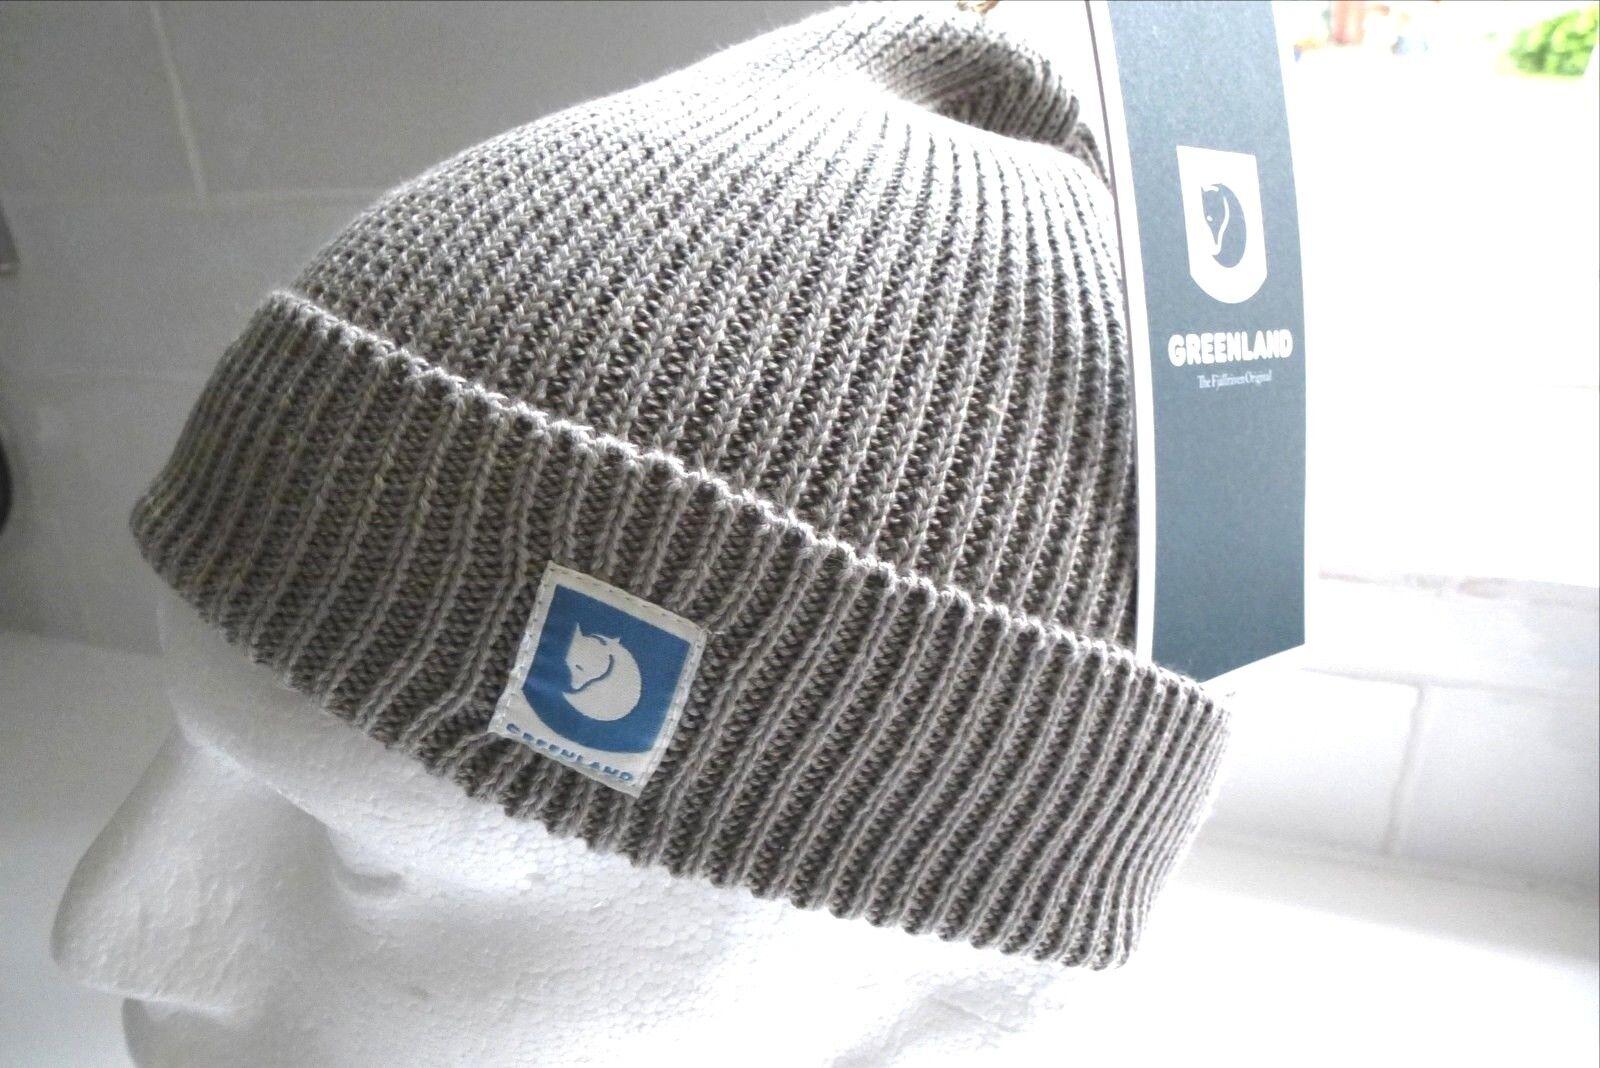 Fjtuttiraven Svezia grigio cotone Groenleia Cappello Beanie del mouominito polsino Nebbia Unisex nuovo